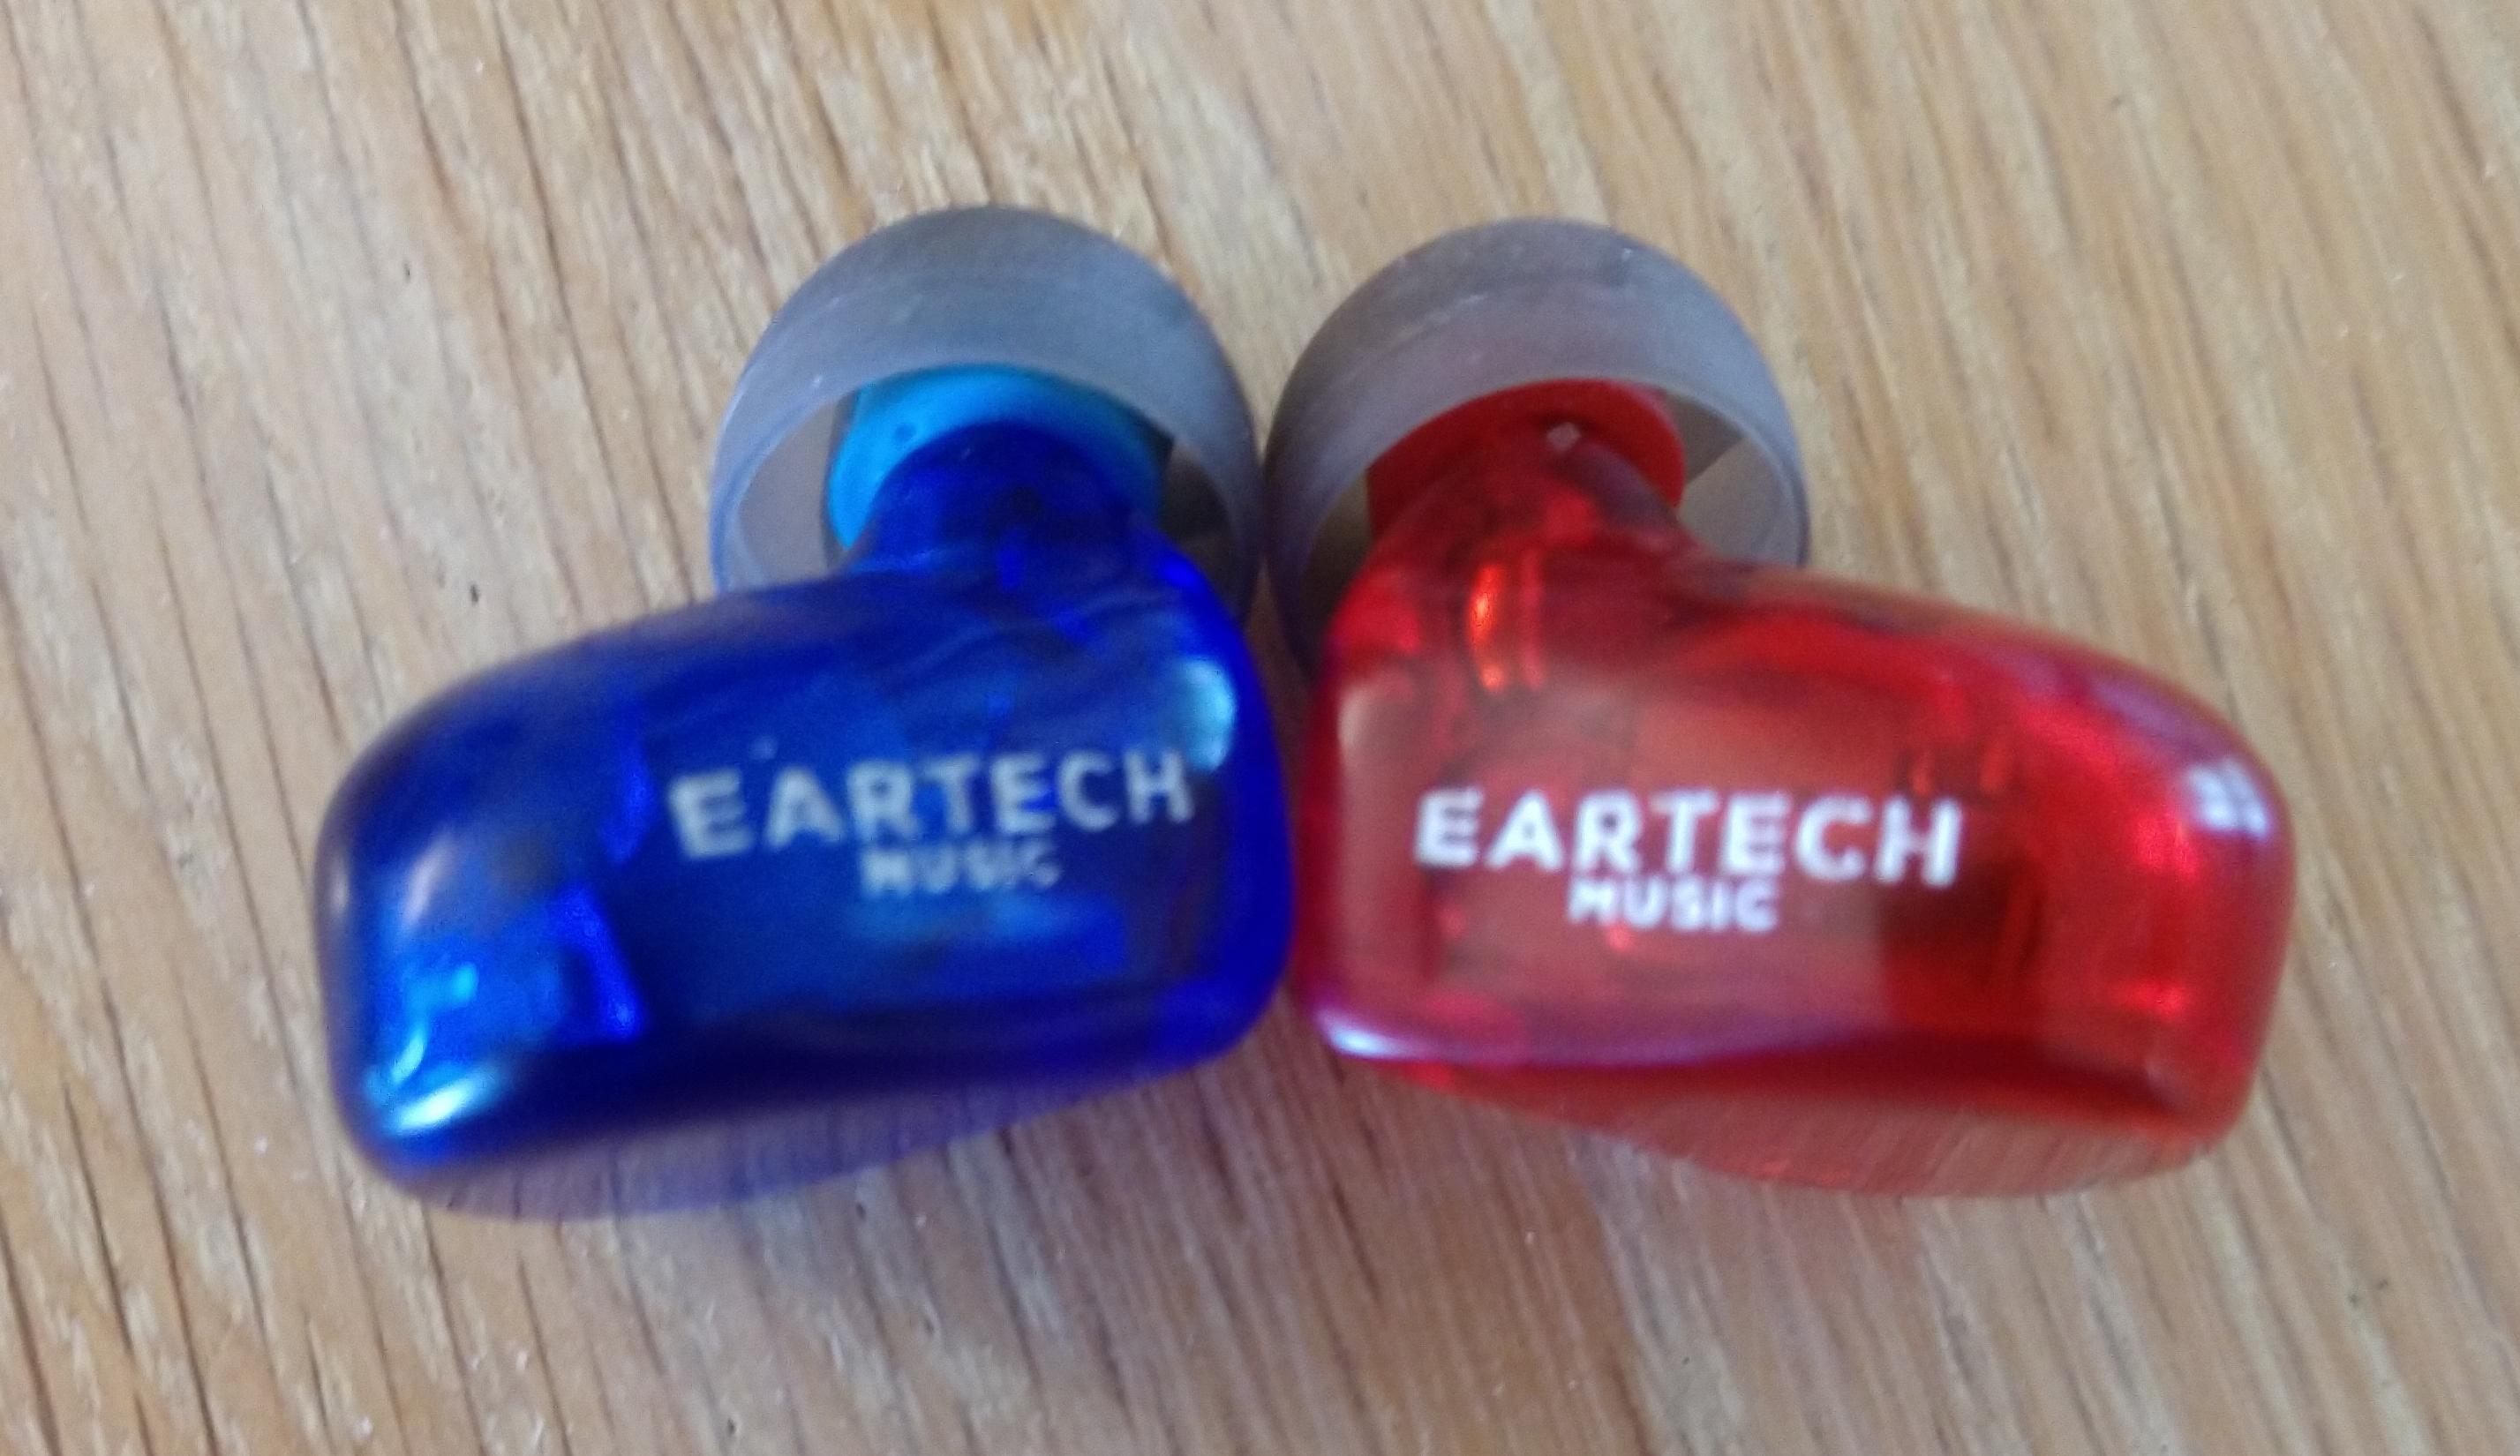 eartechU-logos.jpg